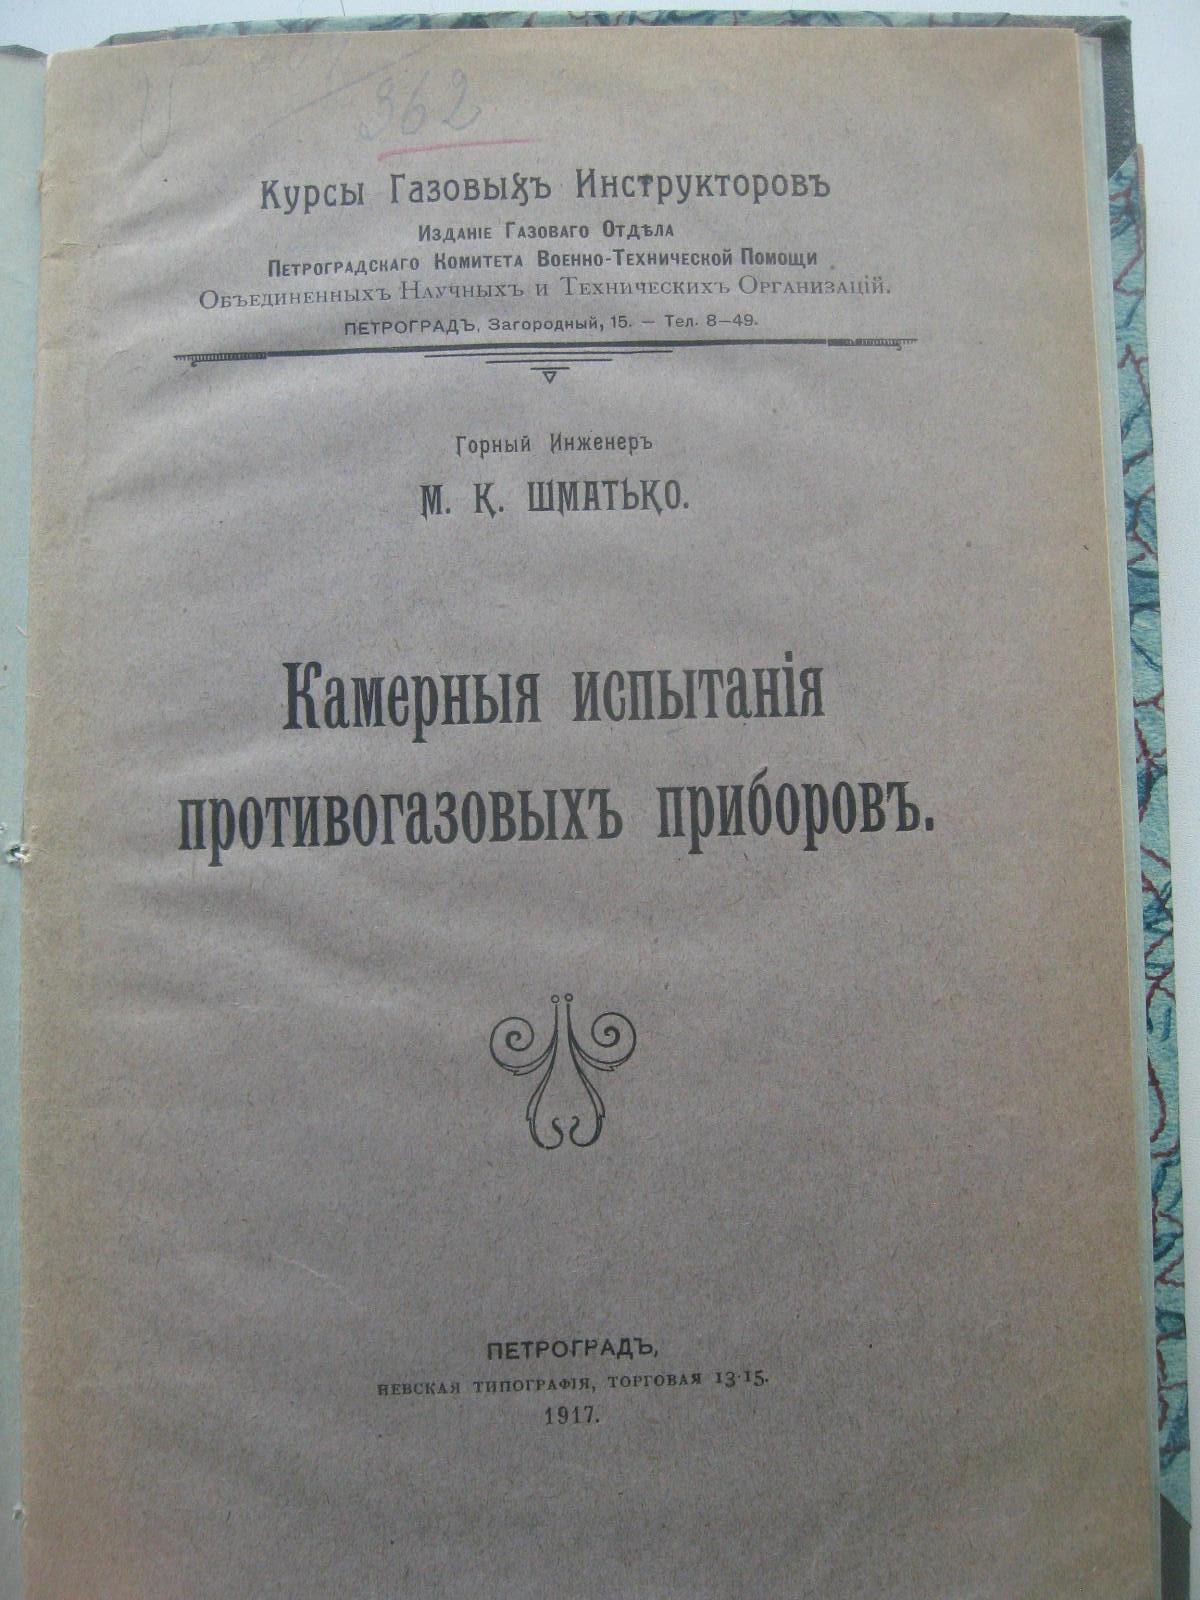 На фото: Камерные испытания противогазовых приборов. 1917., автор: alexandr.chir